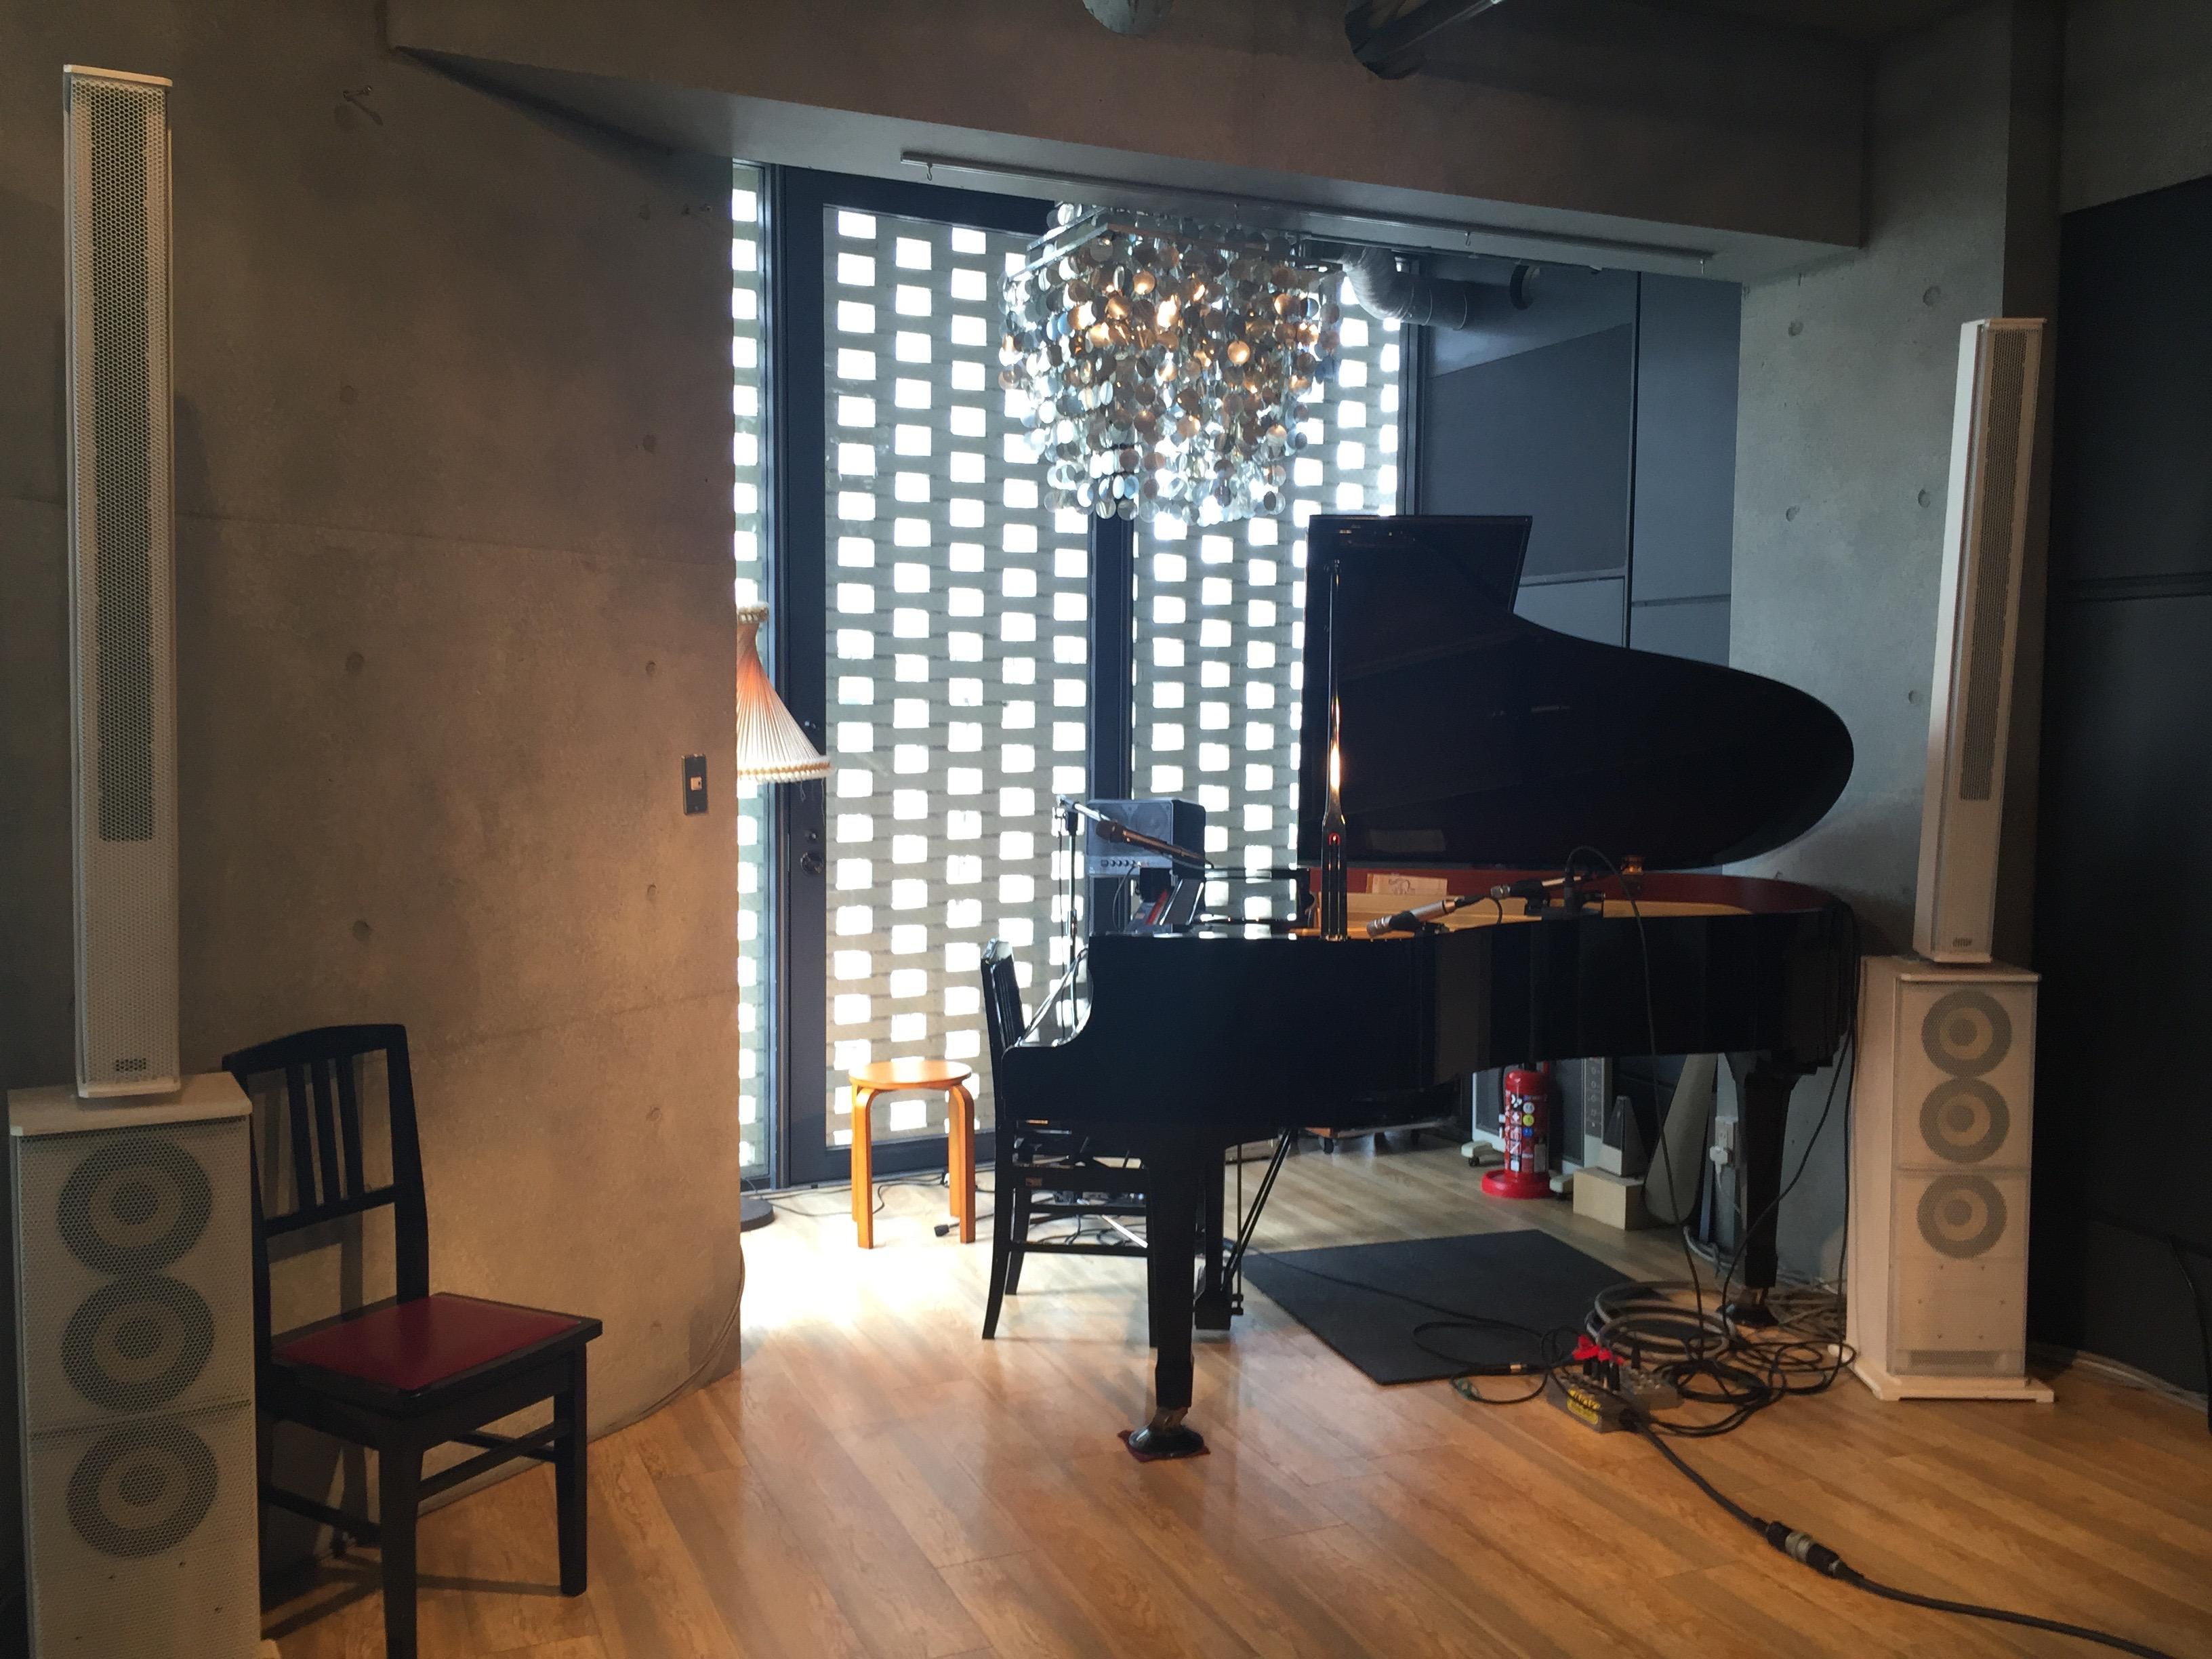 【下北沢】グランドピアノに充実の音楽機材♪可能性が広がる「Workshop Lounge SEED SHIP」